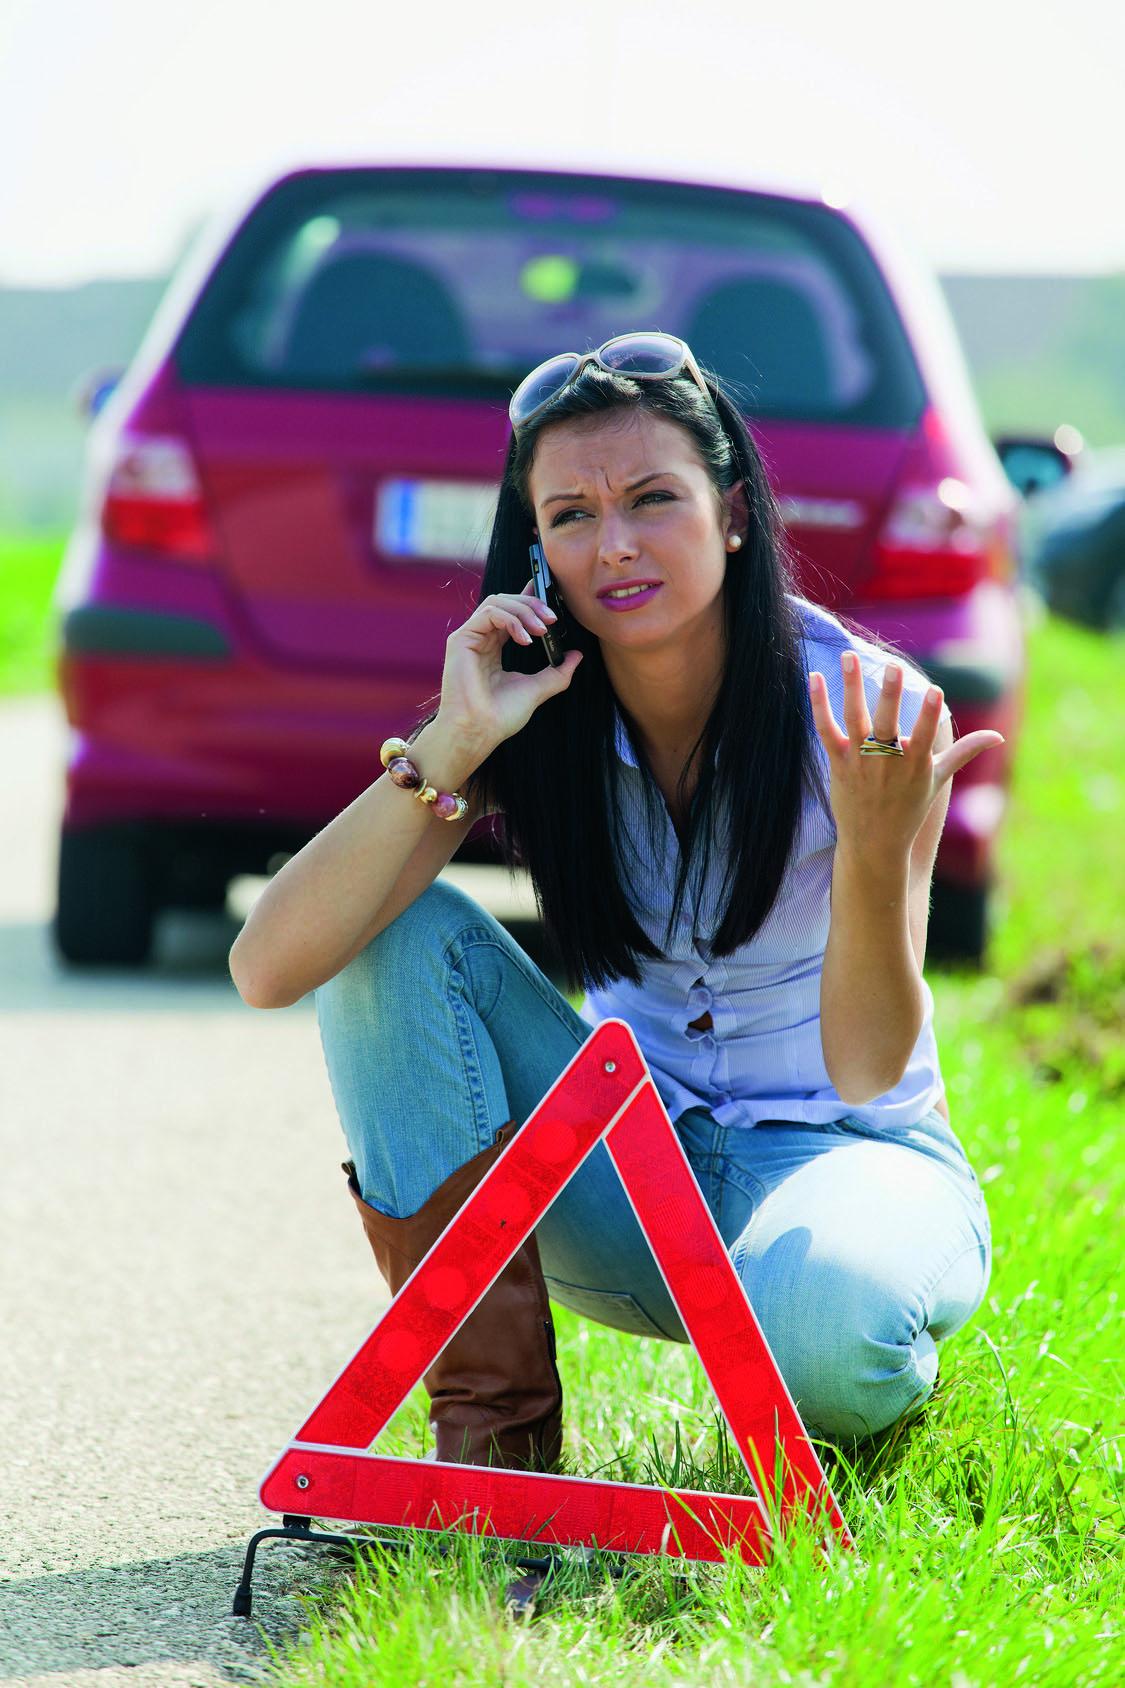 Auto Noproblem Smart: la polizza per il soccorso stradale in caso di guasto